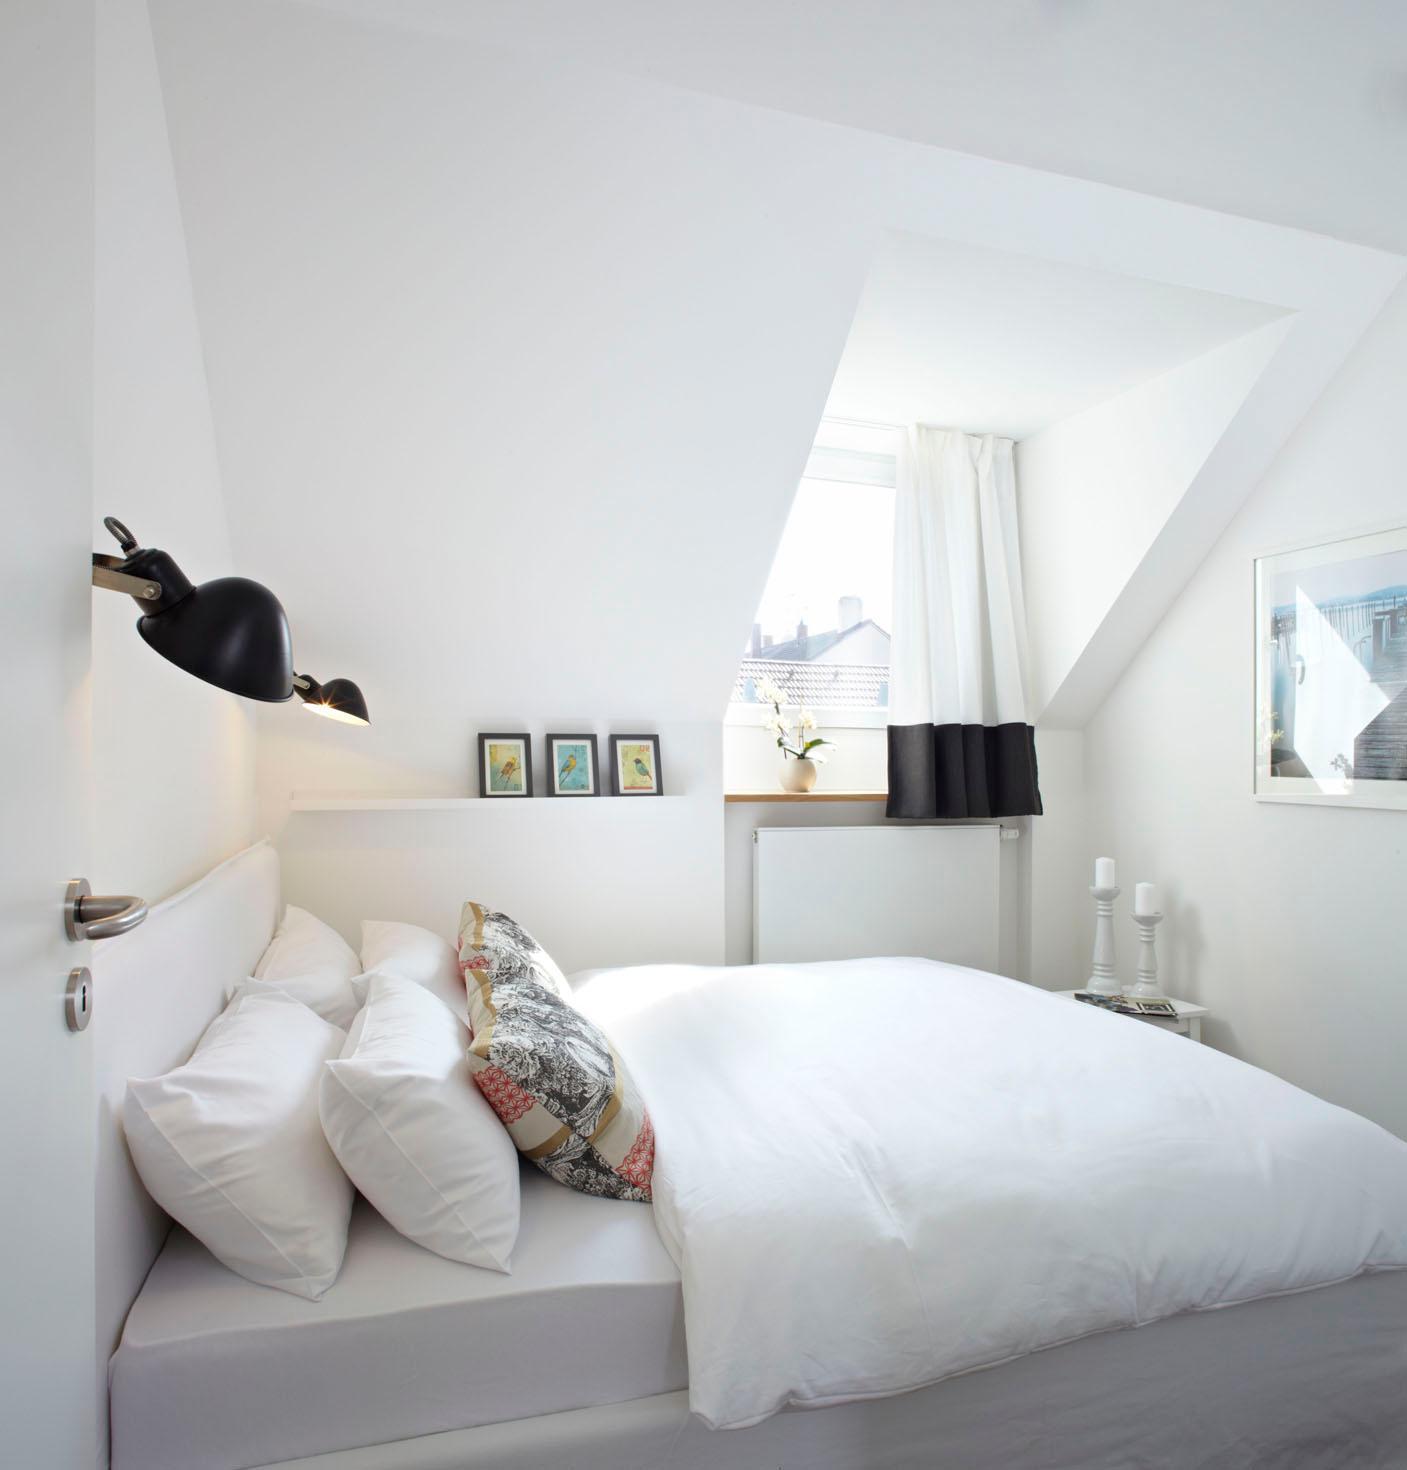 Schlafzimmer kuschelig  Kuscheliges Schlafzimmer mit dunklen Akzenten #bett ...